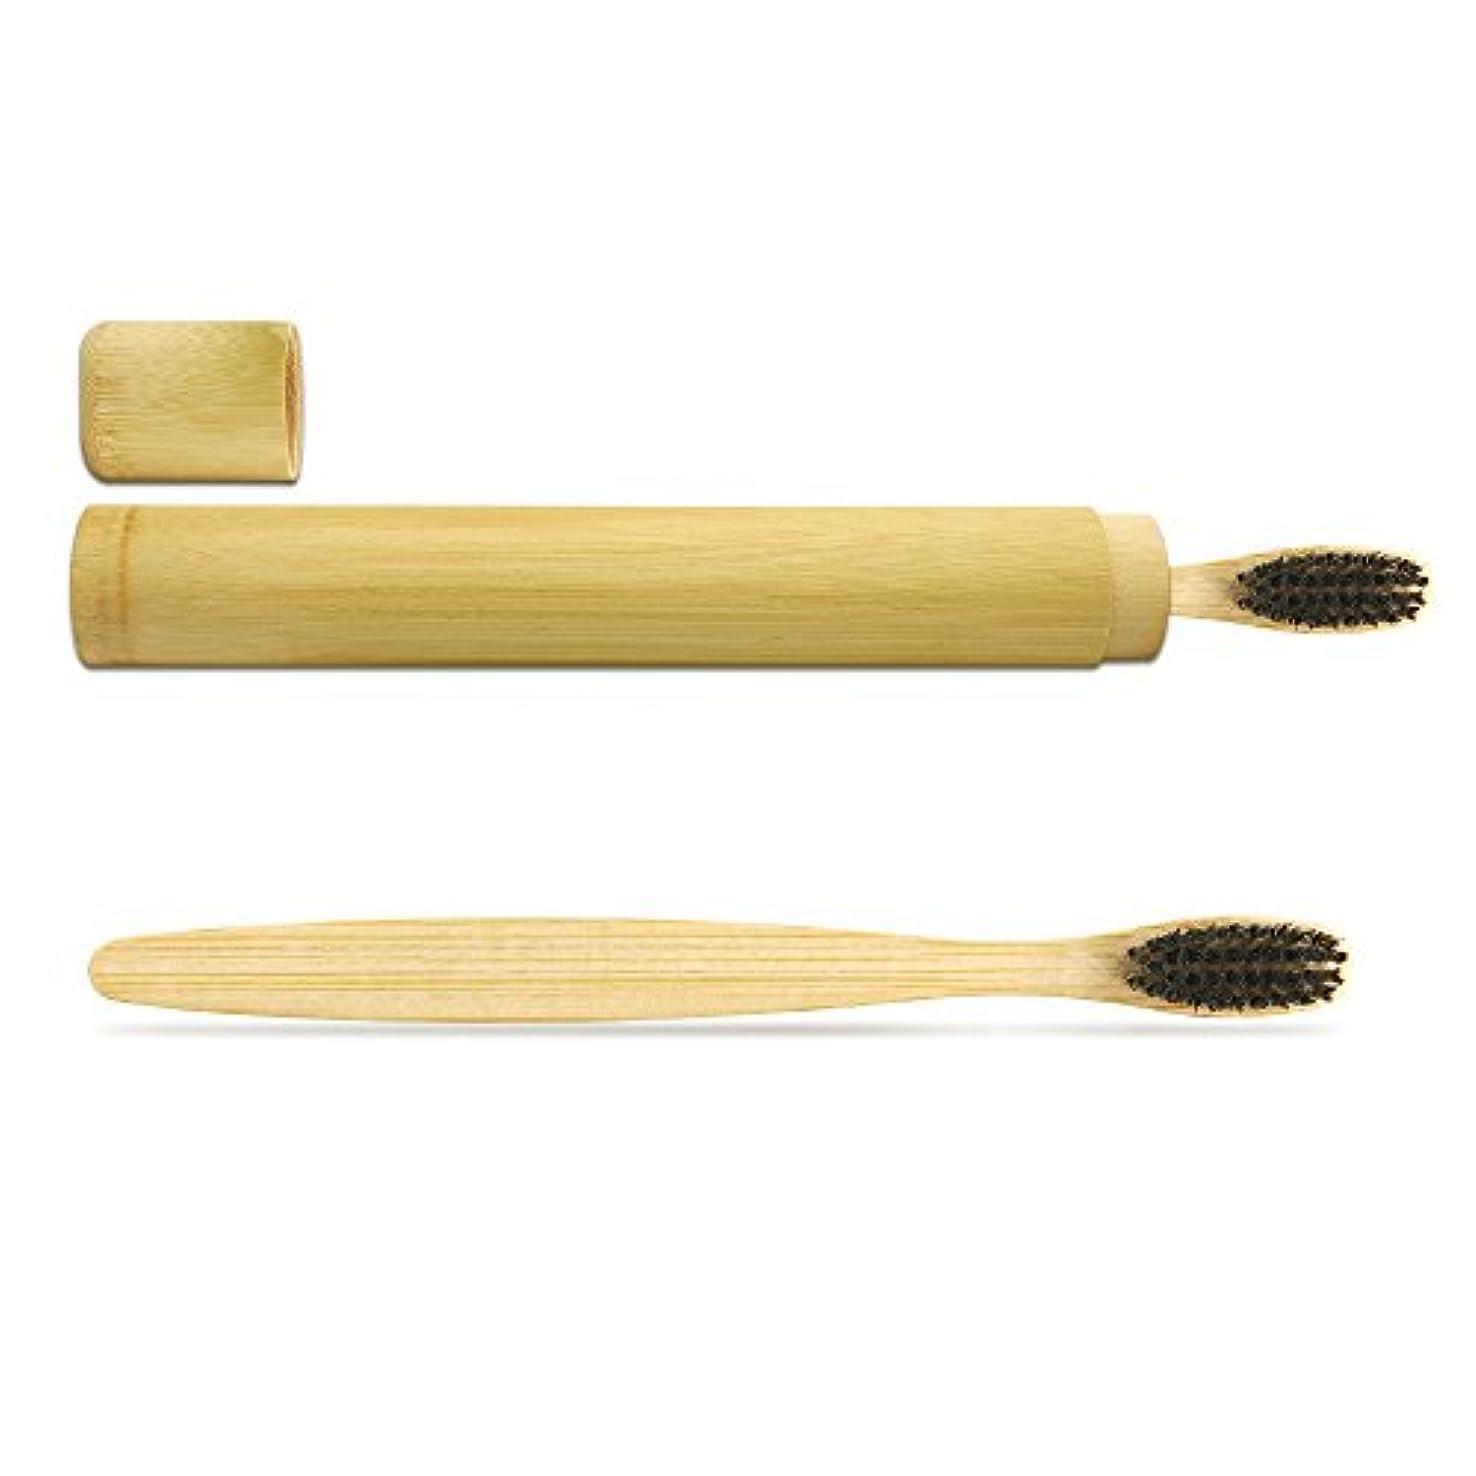 にぎやか悲惨マンモスN-amboo 竹製 高耐久度 歯ブラシ ケース付き 軽量 携帯便利 出張旅行